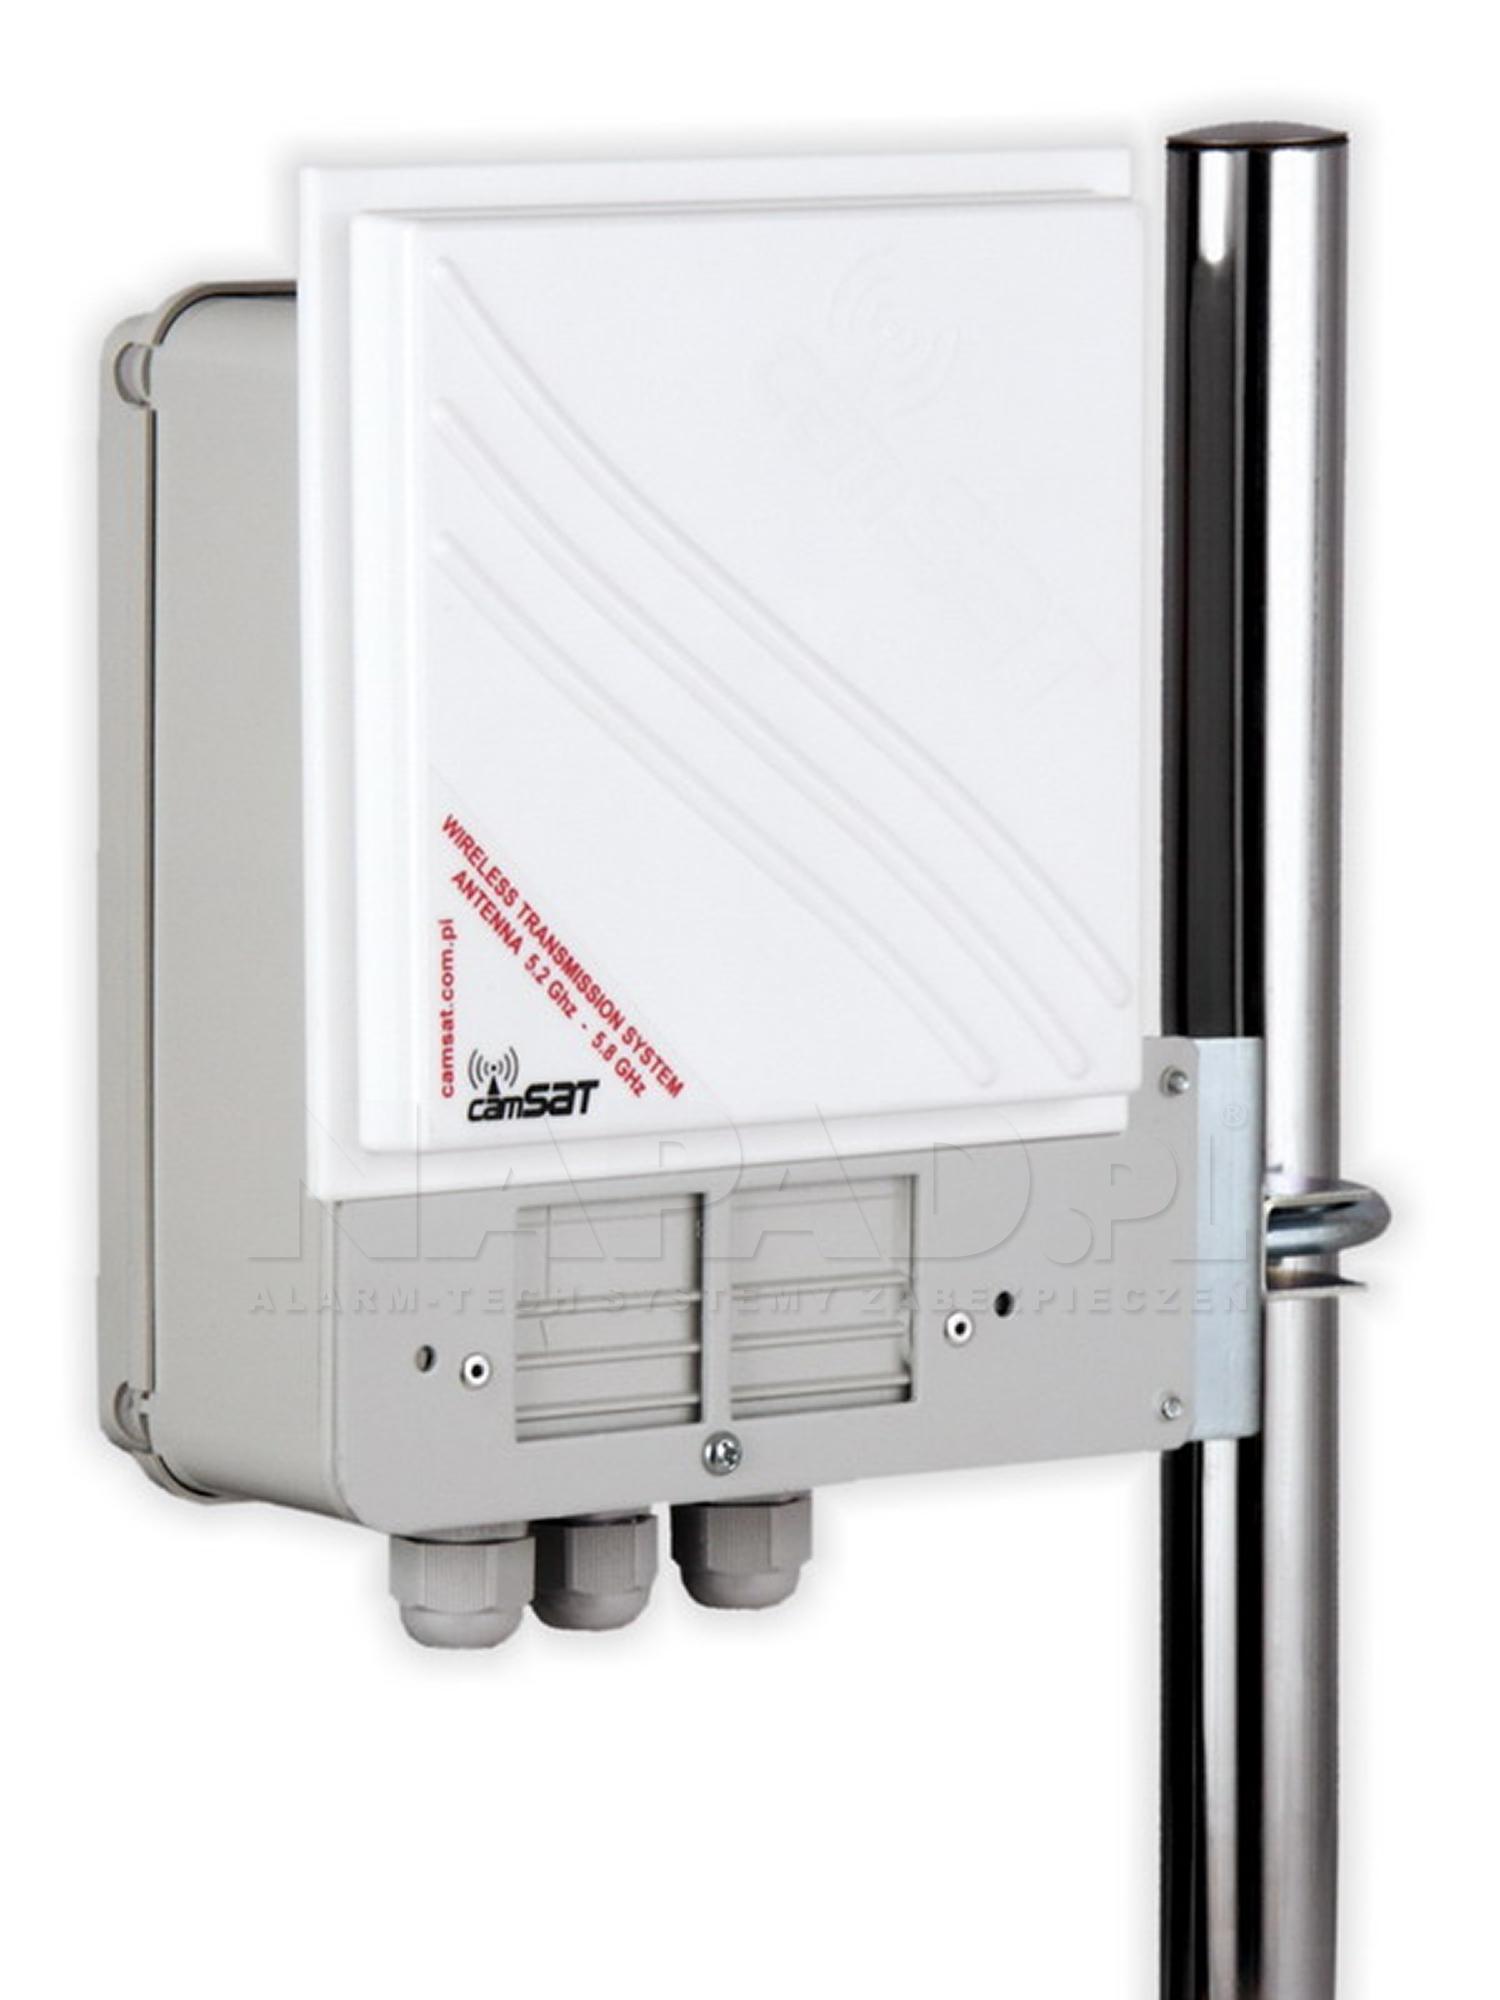 Hermetyczny cyfrowy zestaw nadawczo-odbiorczy CAMsat 5,2 GHz CDS-5021h / 2 km